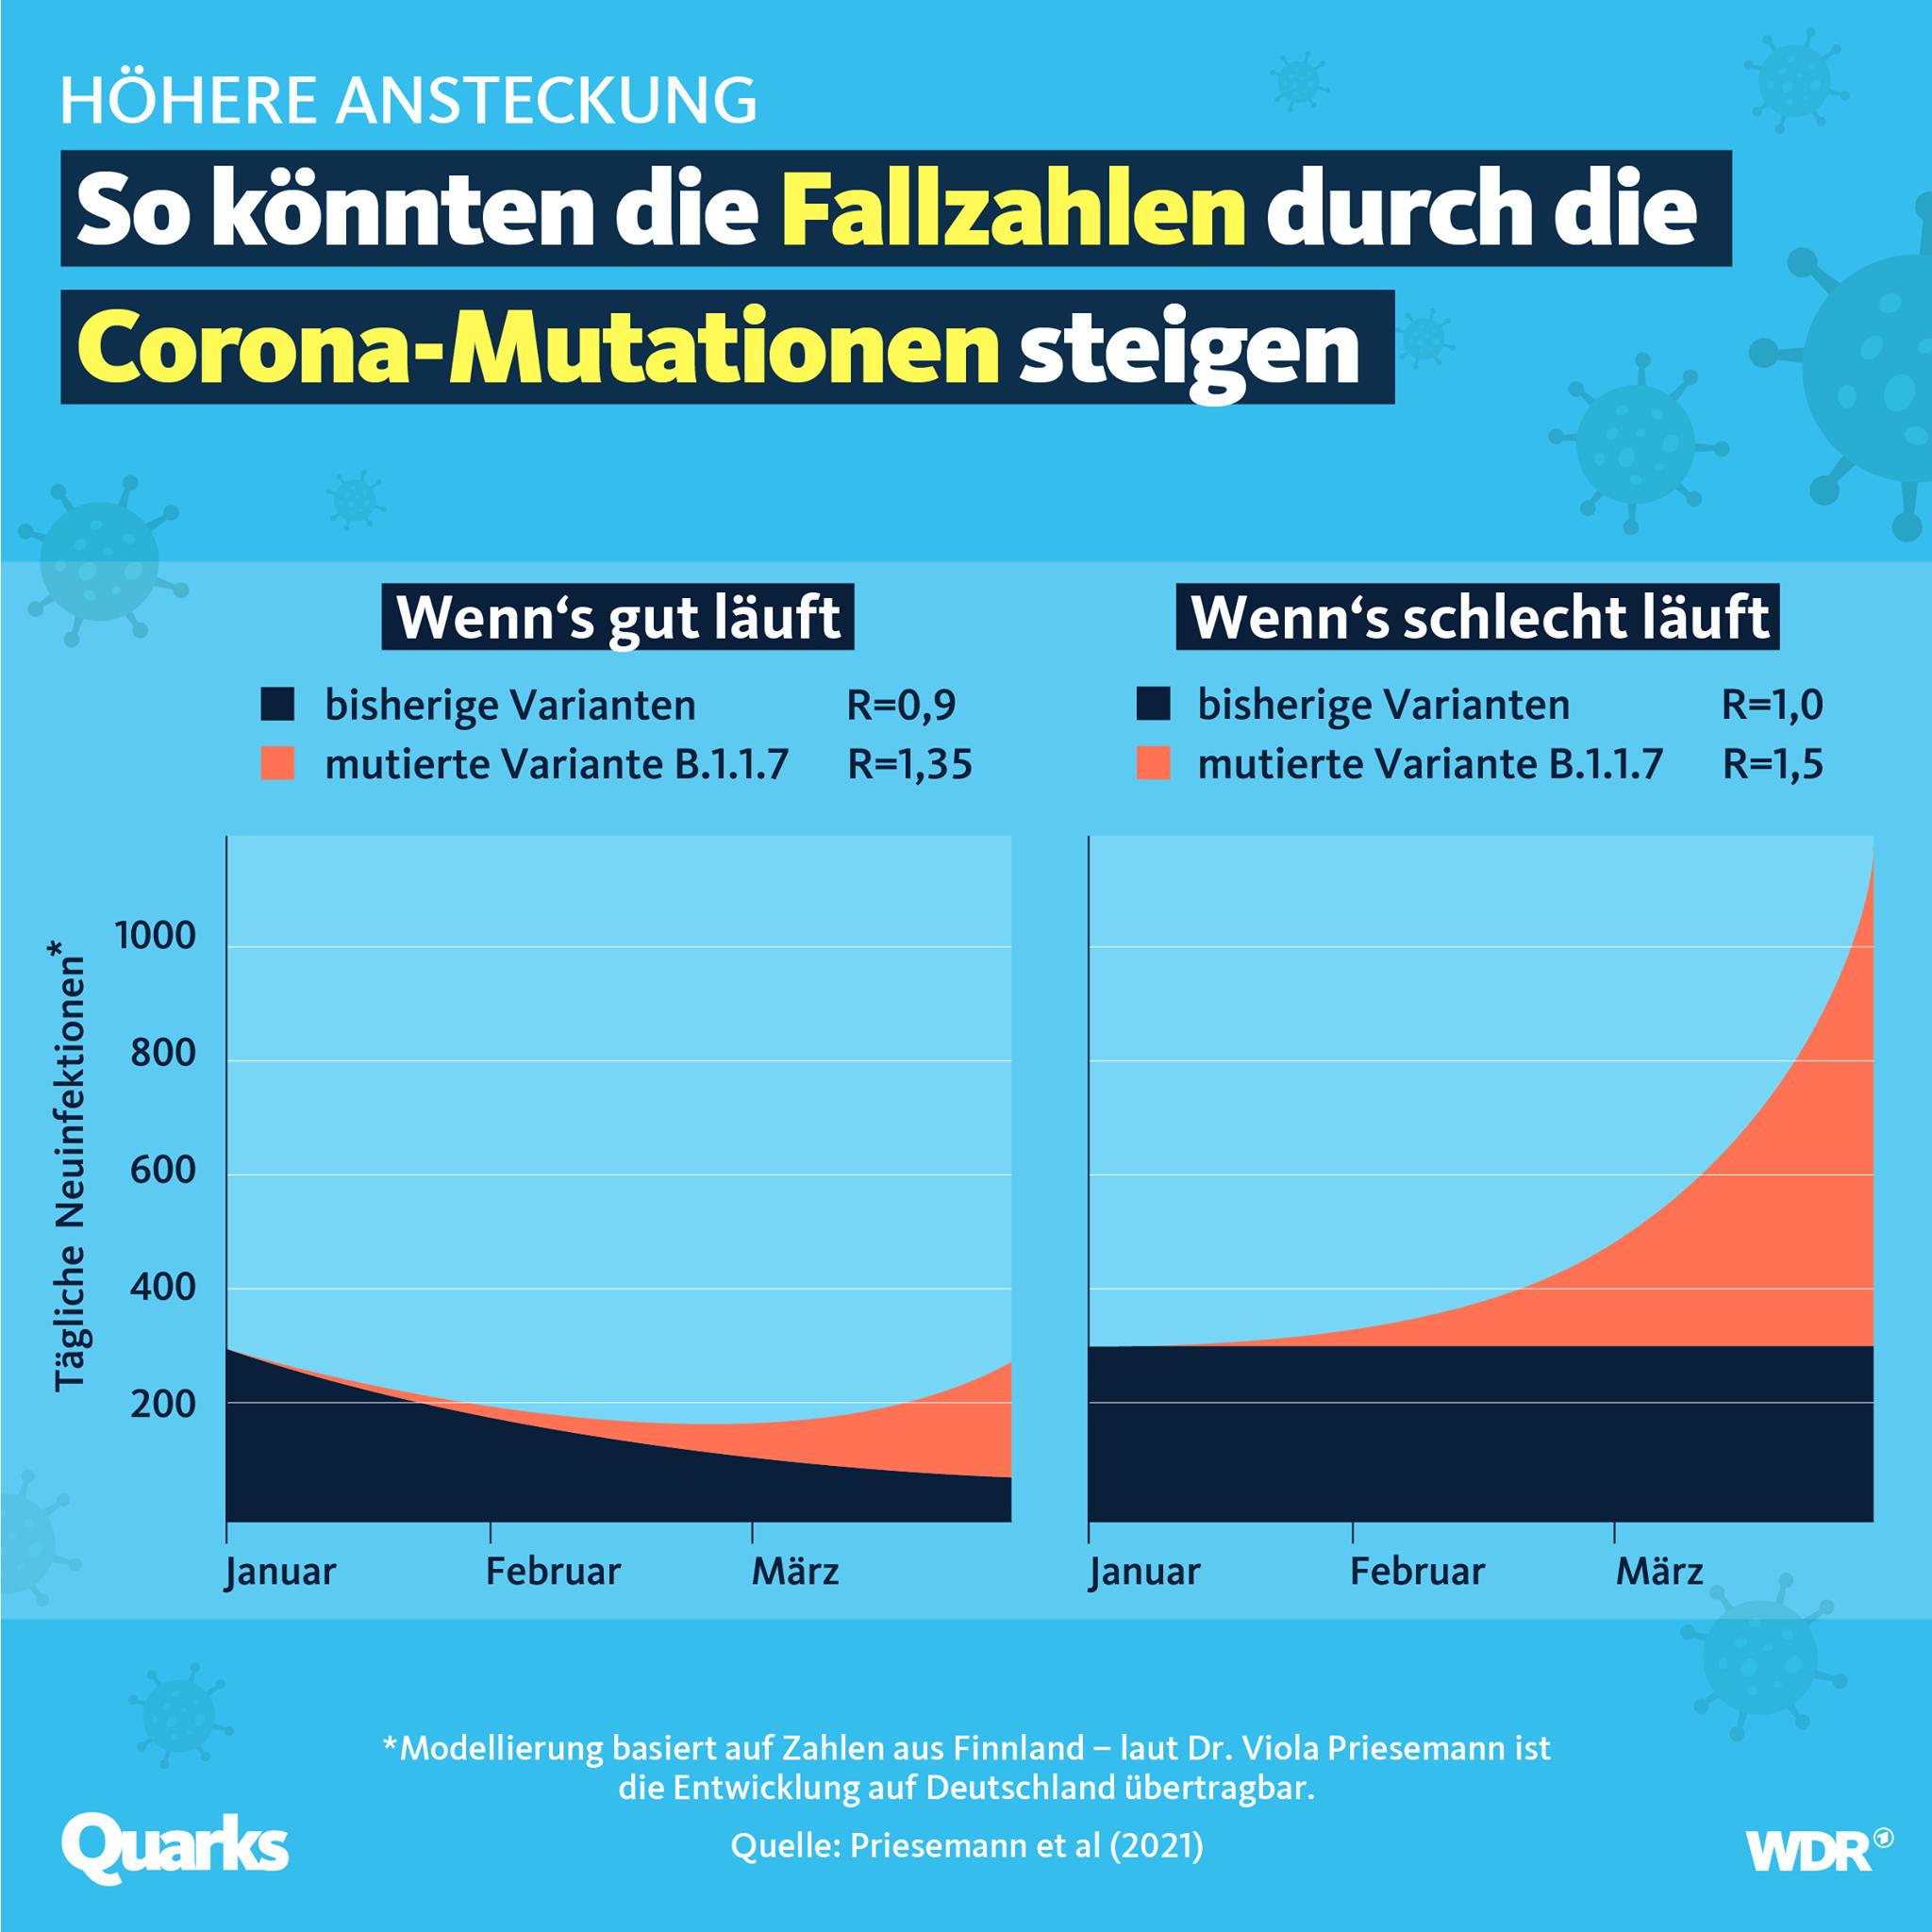 Die Grafik zeigt, dass die Fallzahlen deutlich steigen könnten, wenn der R-Wert nicht nach unten gedrückt wird. Dabei steigt die Kurve der Fallzahlen durch die neuen Mutationen deutlich steiler im Vergleich zu der der bisherigen Varianten.